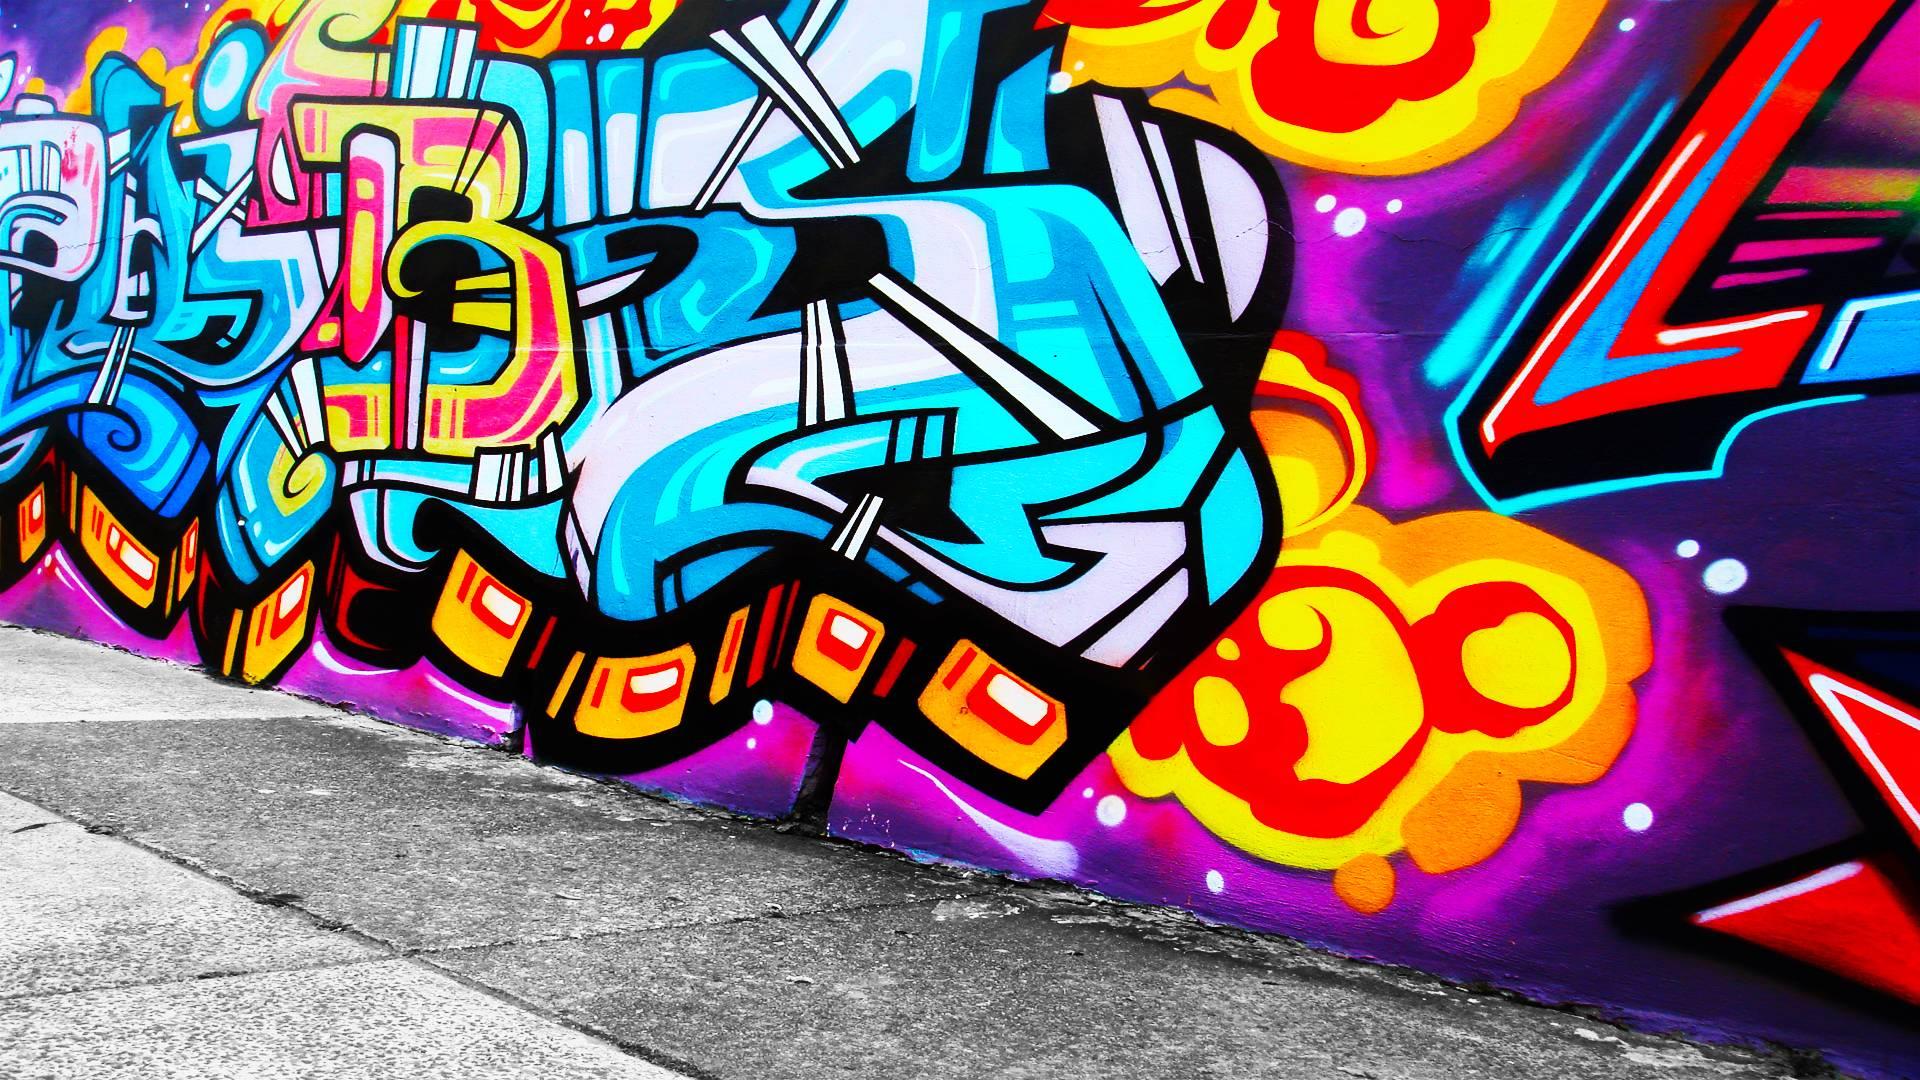 Graffiti wallpaper by aleksparx dclcv 1920x1080 pixel wallpaper